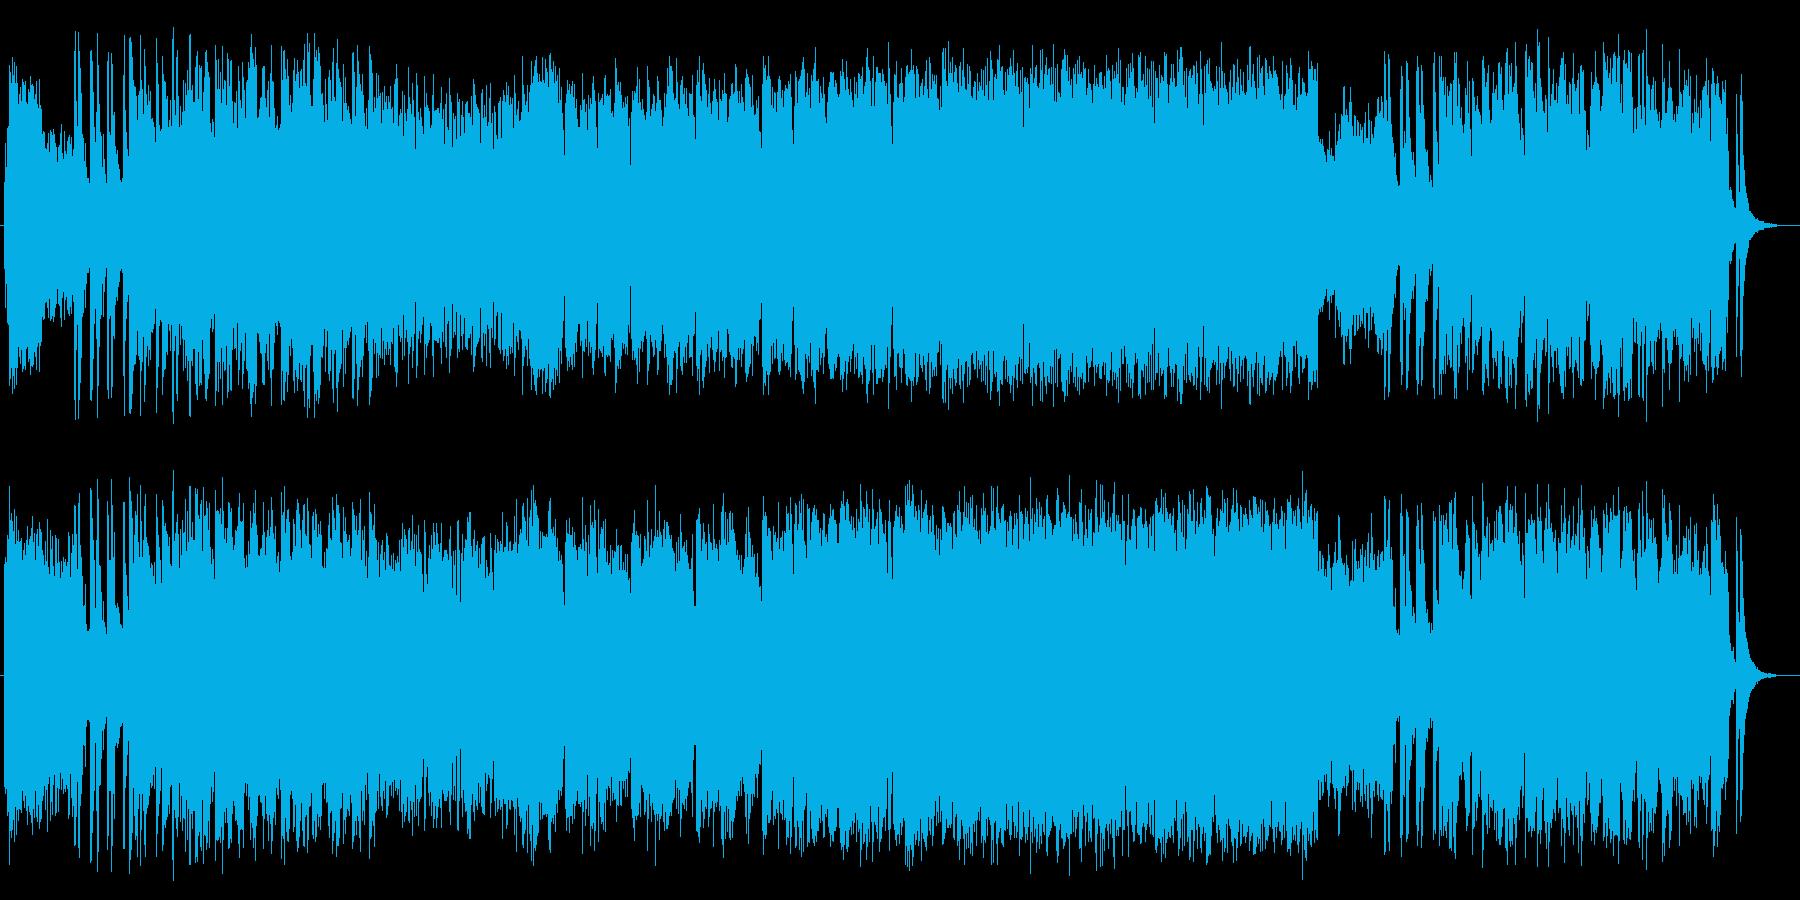 迫力と疾走感管楽器シンセサイザーサウンドの再生済みの波形